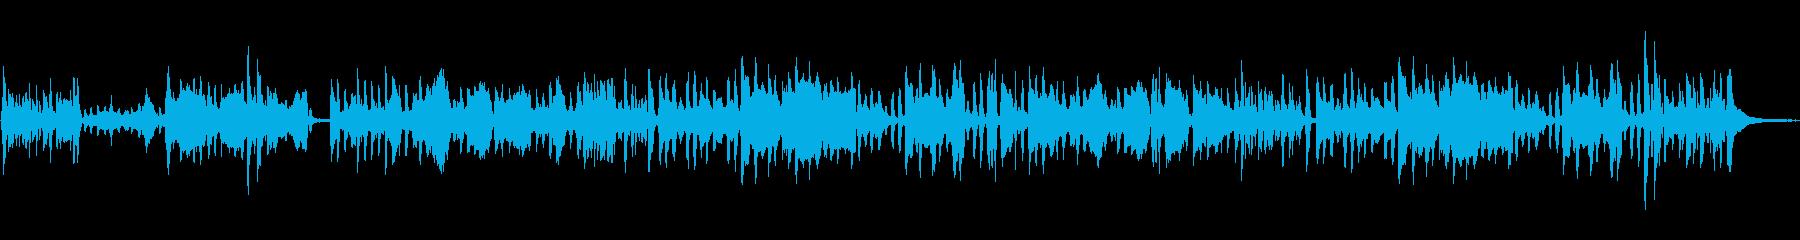 昭和・明治の蓄音機から流れるレトロジャズの再生済みの波形